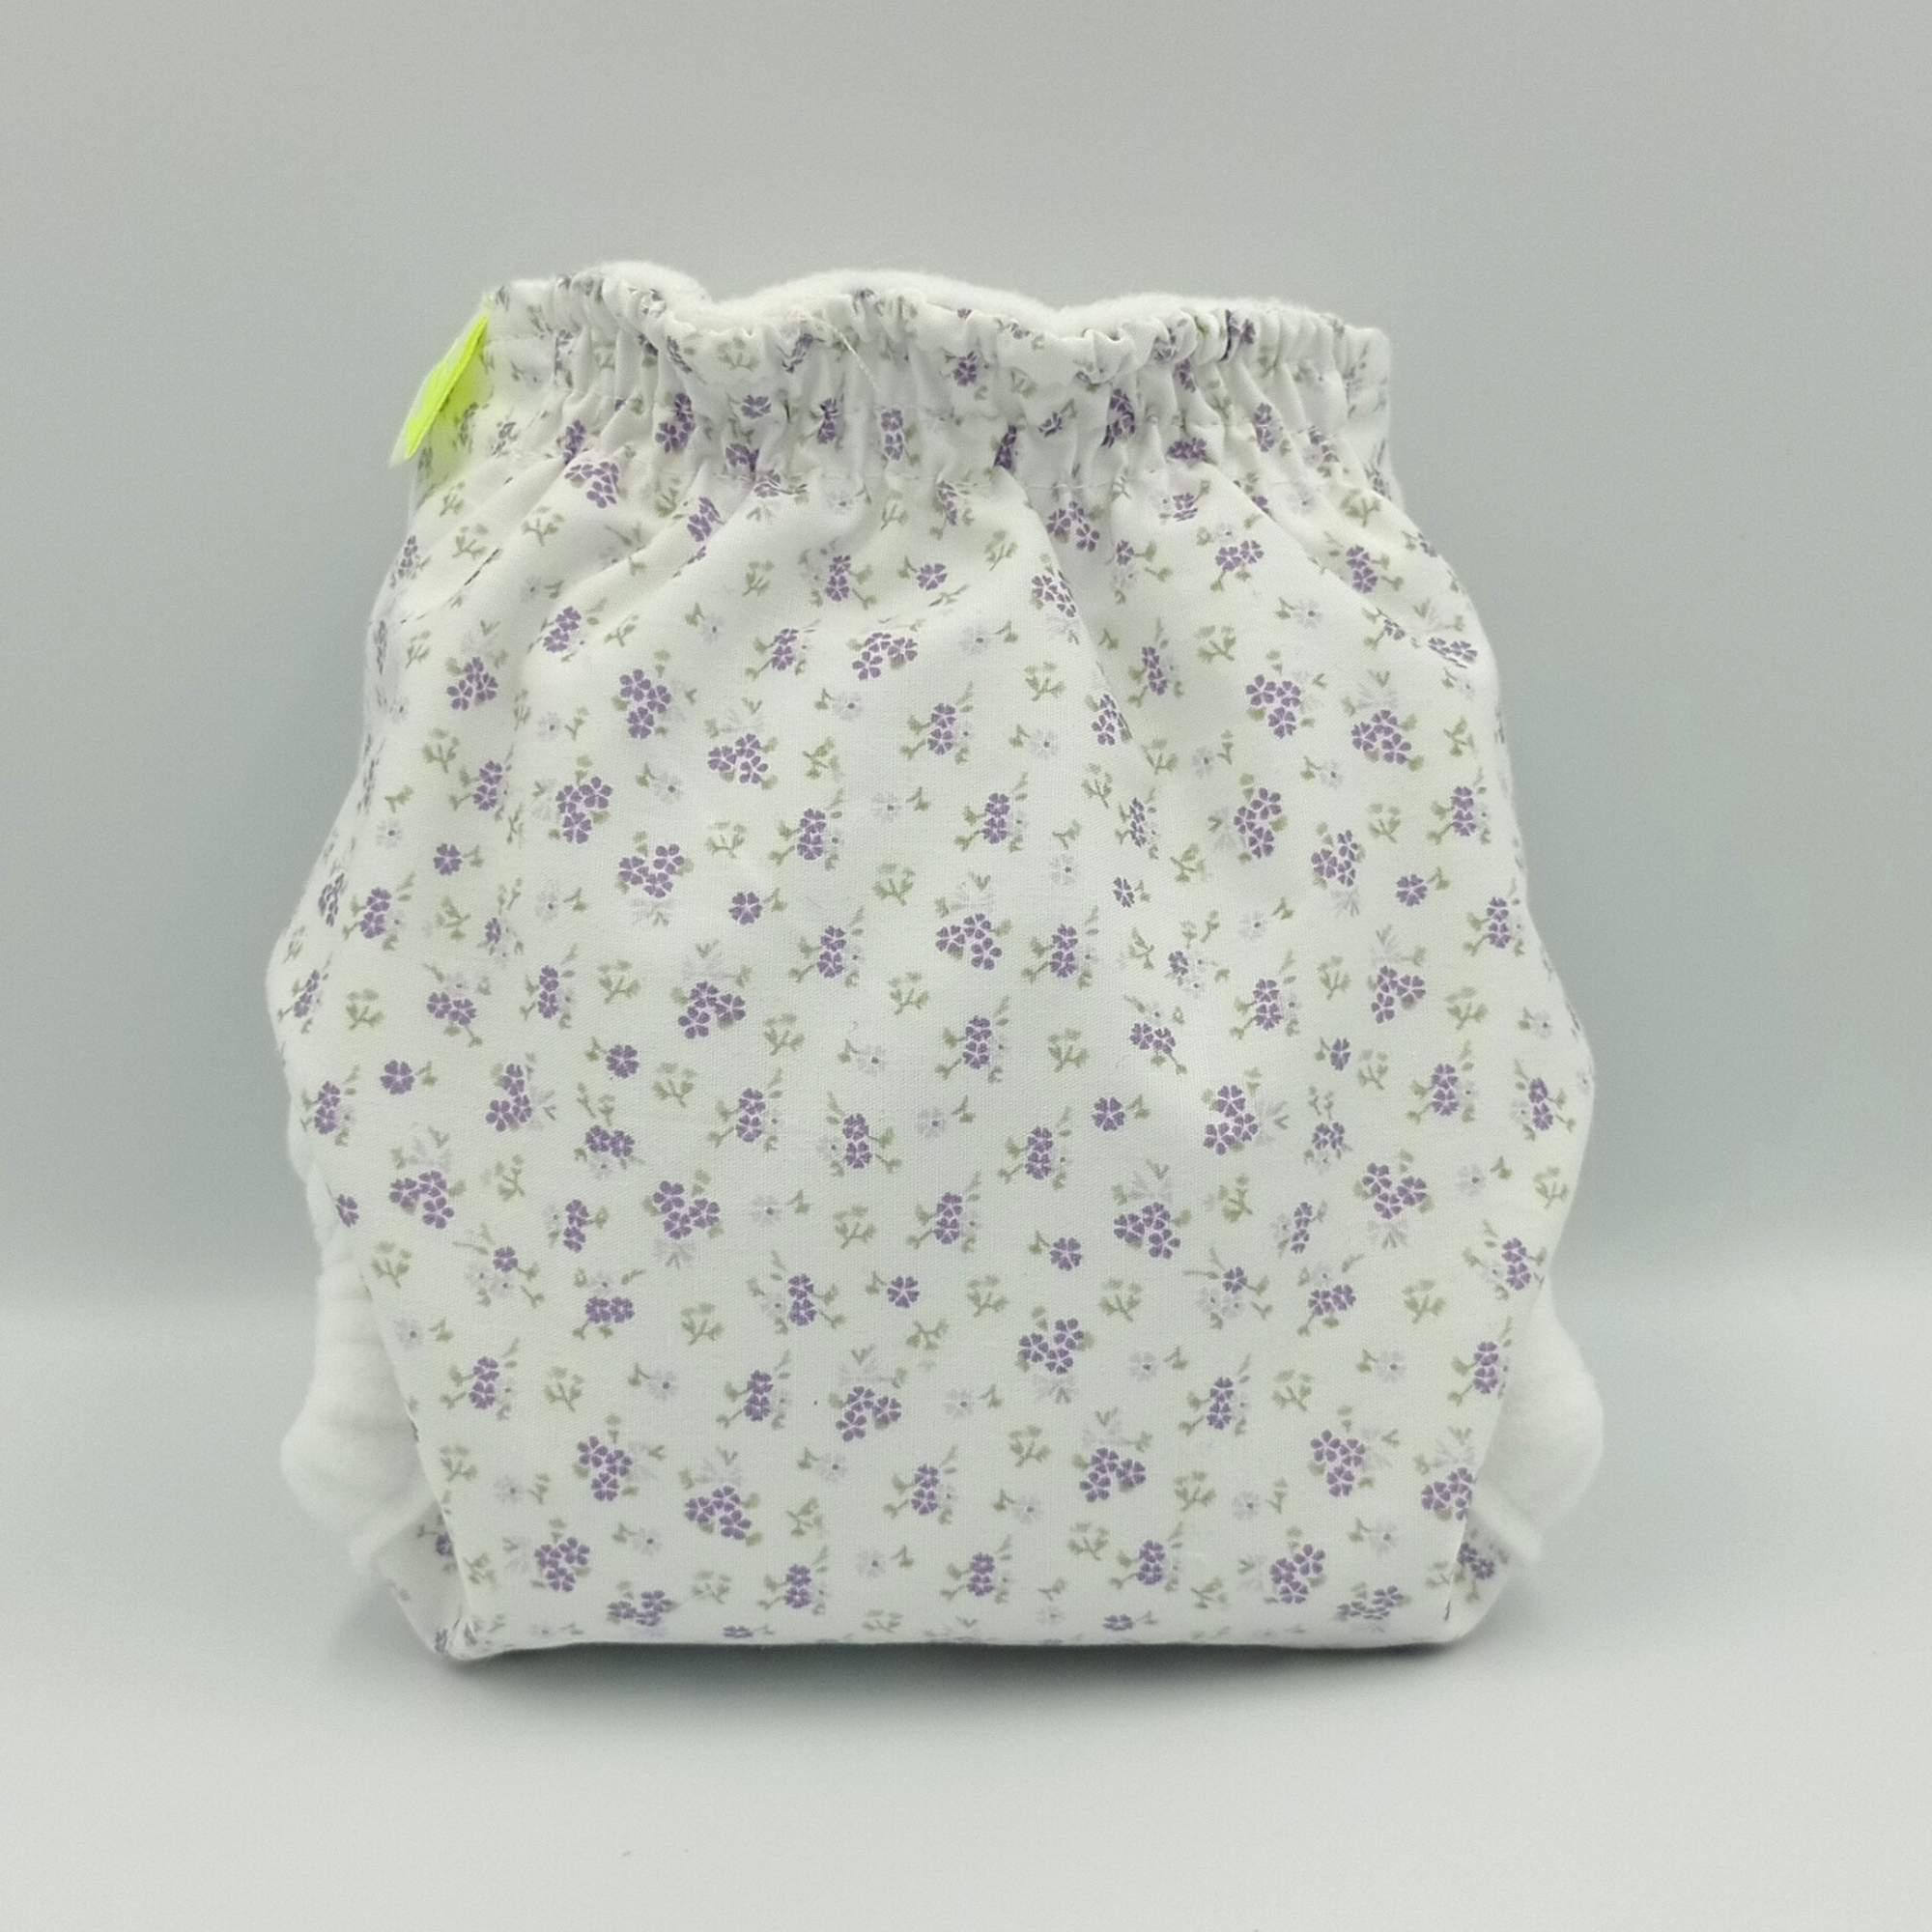 Fralda Recém-nascido Floral Lilás